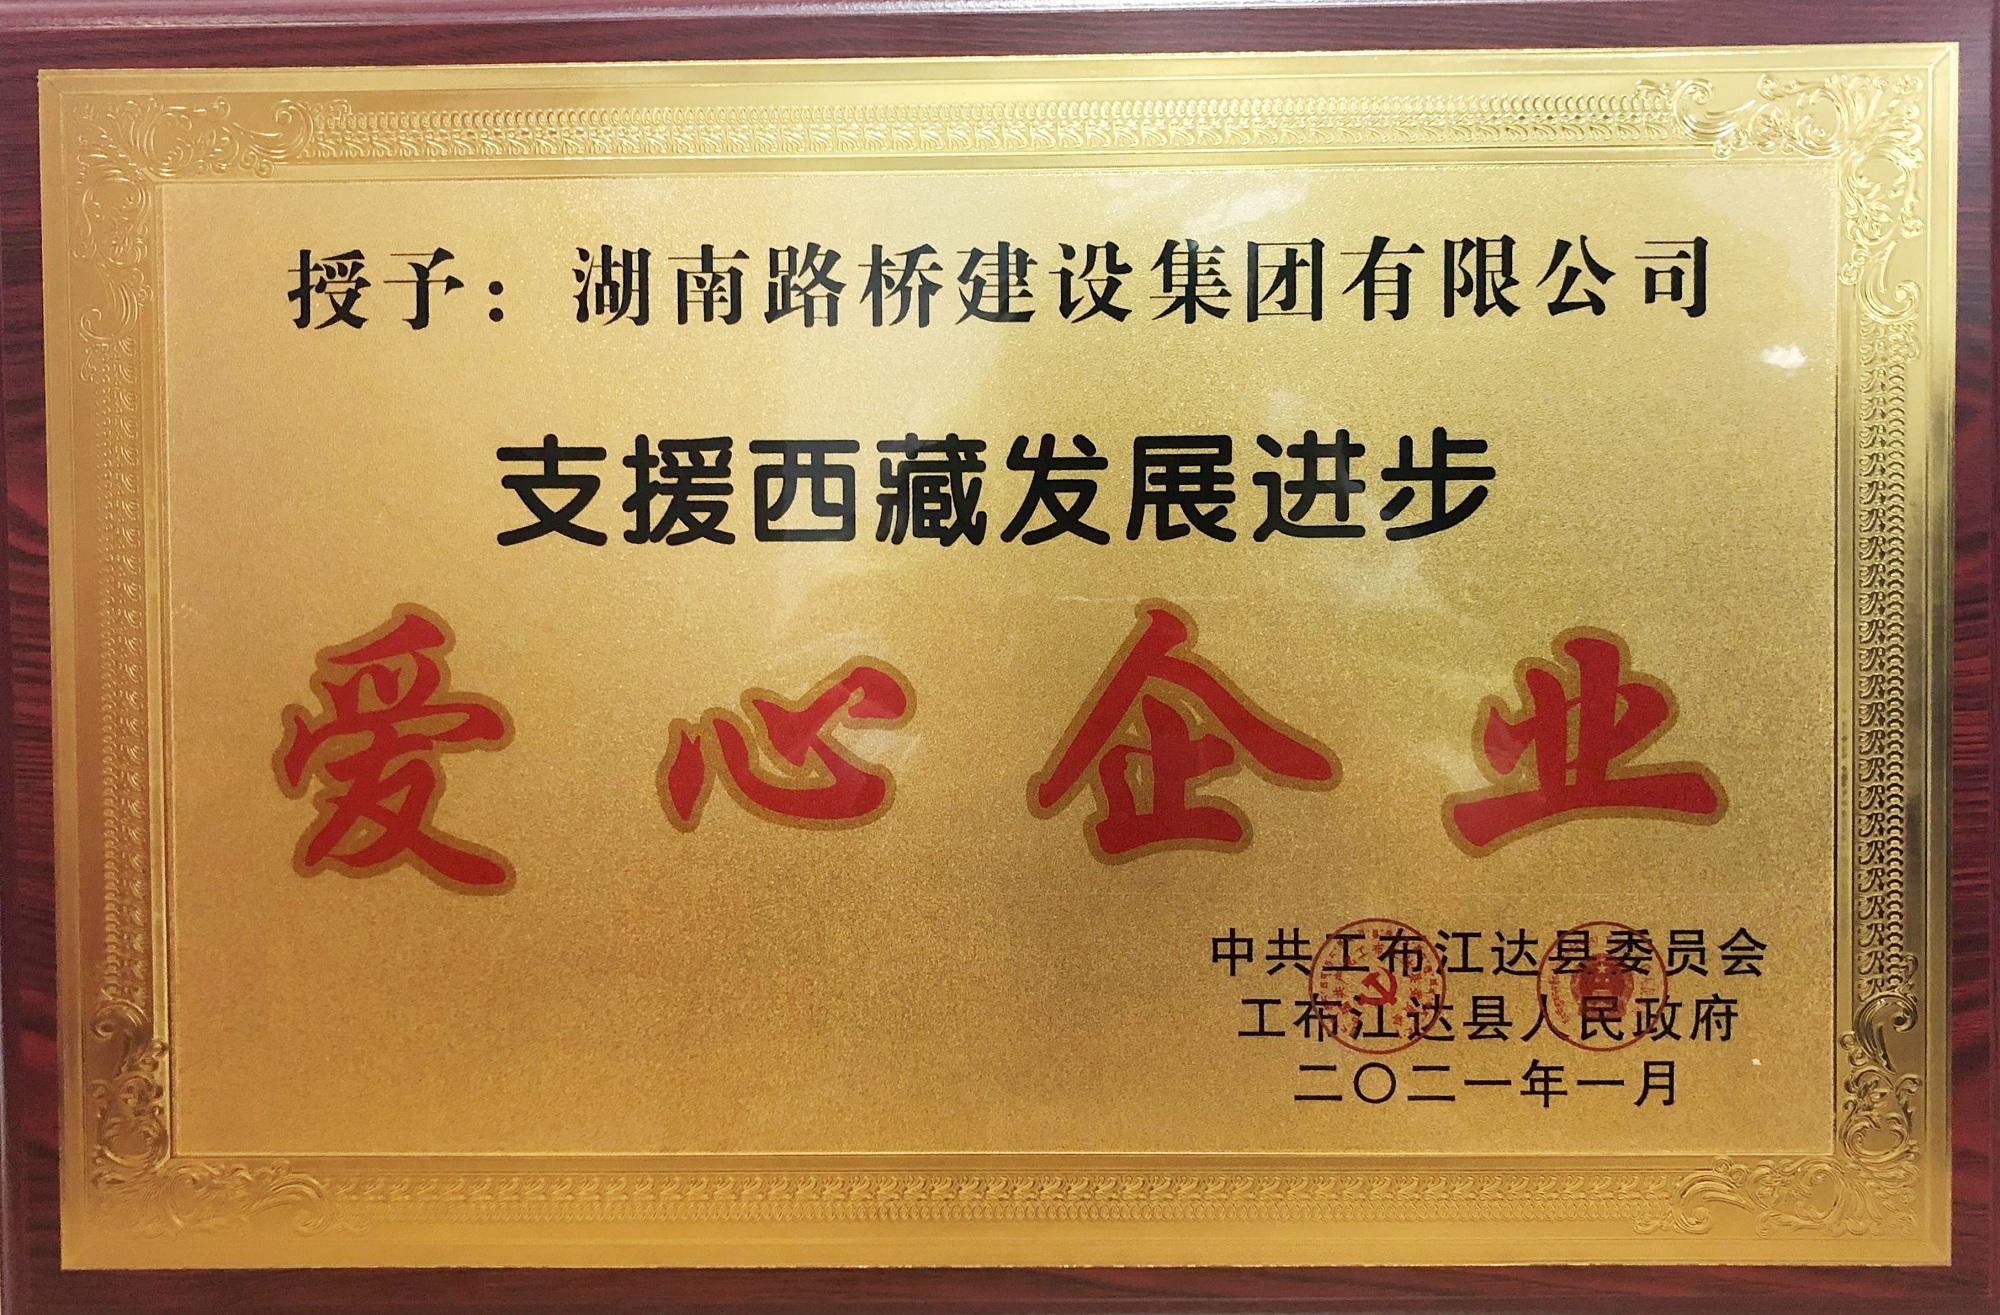 """""""支援西藏发展进步爱心企业""""称号 _副本.jpg"""